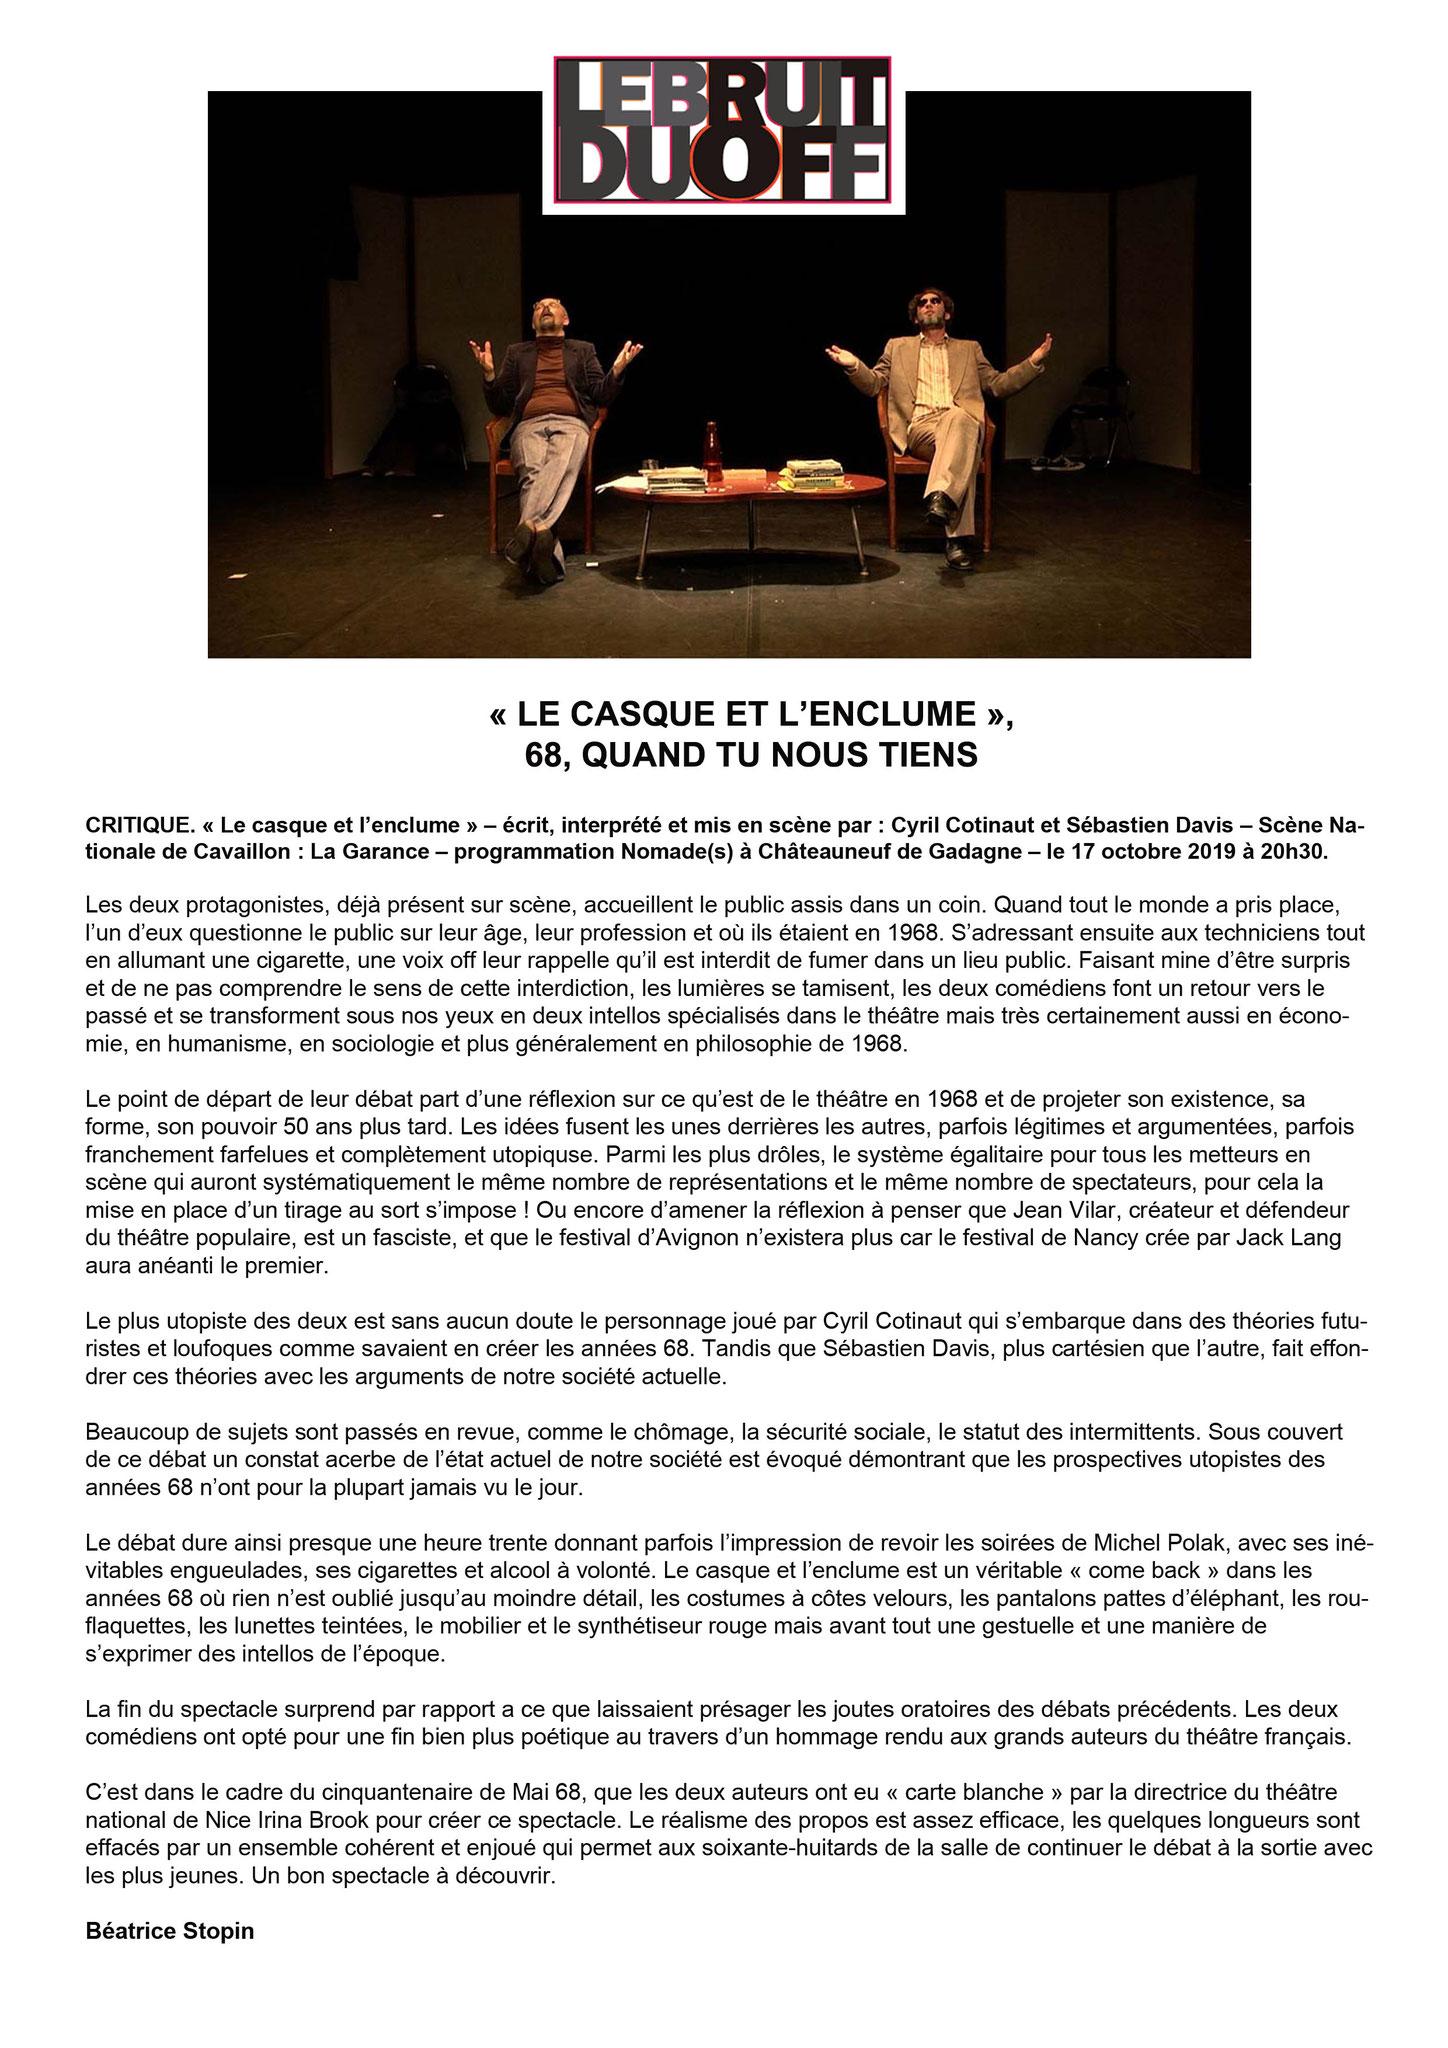 LE BRUIT DU OFF - Beatrice Stopin - 21 Octobre 2019